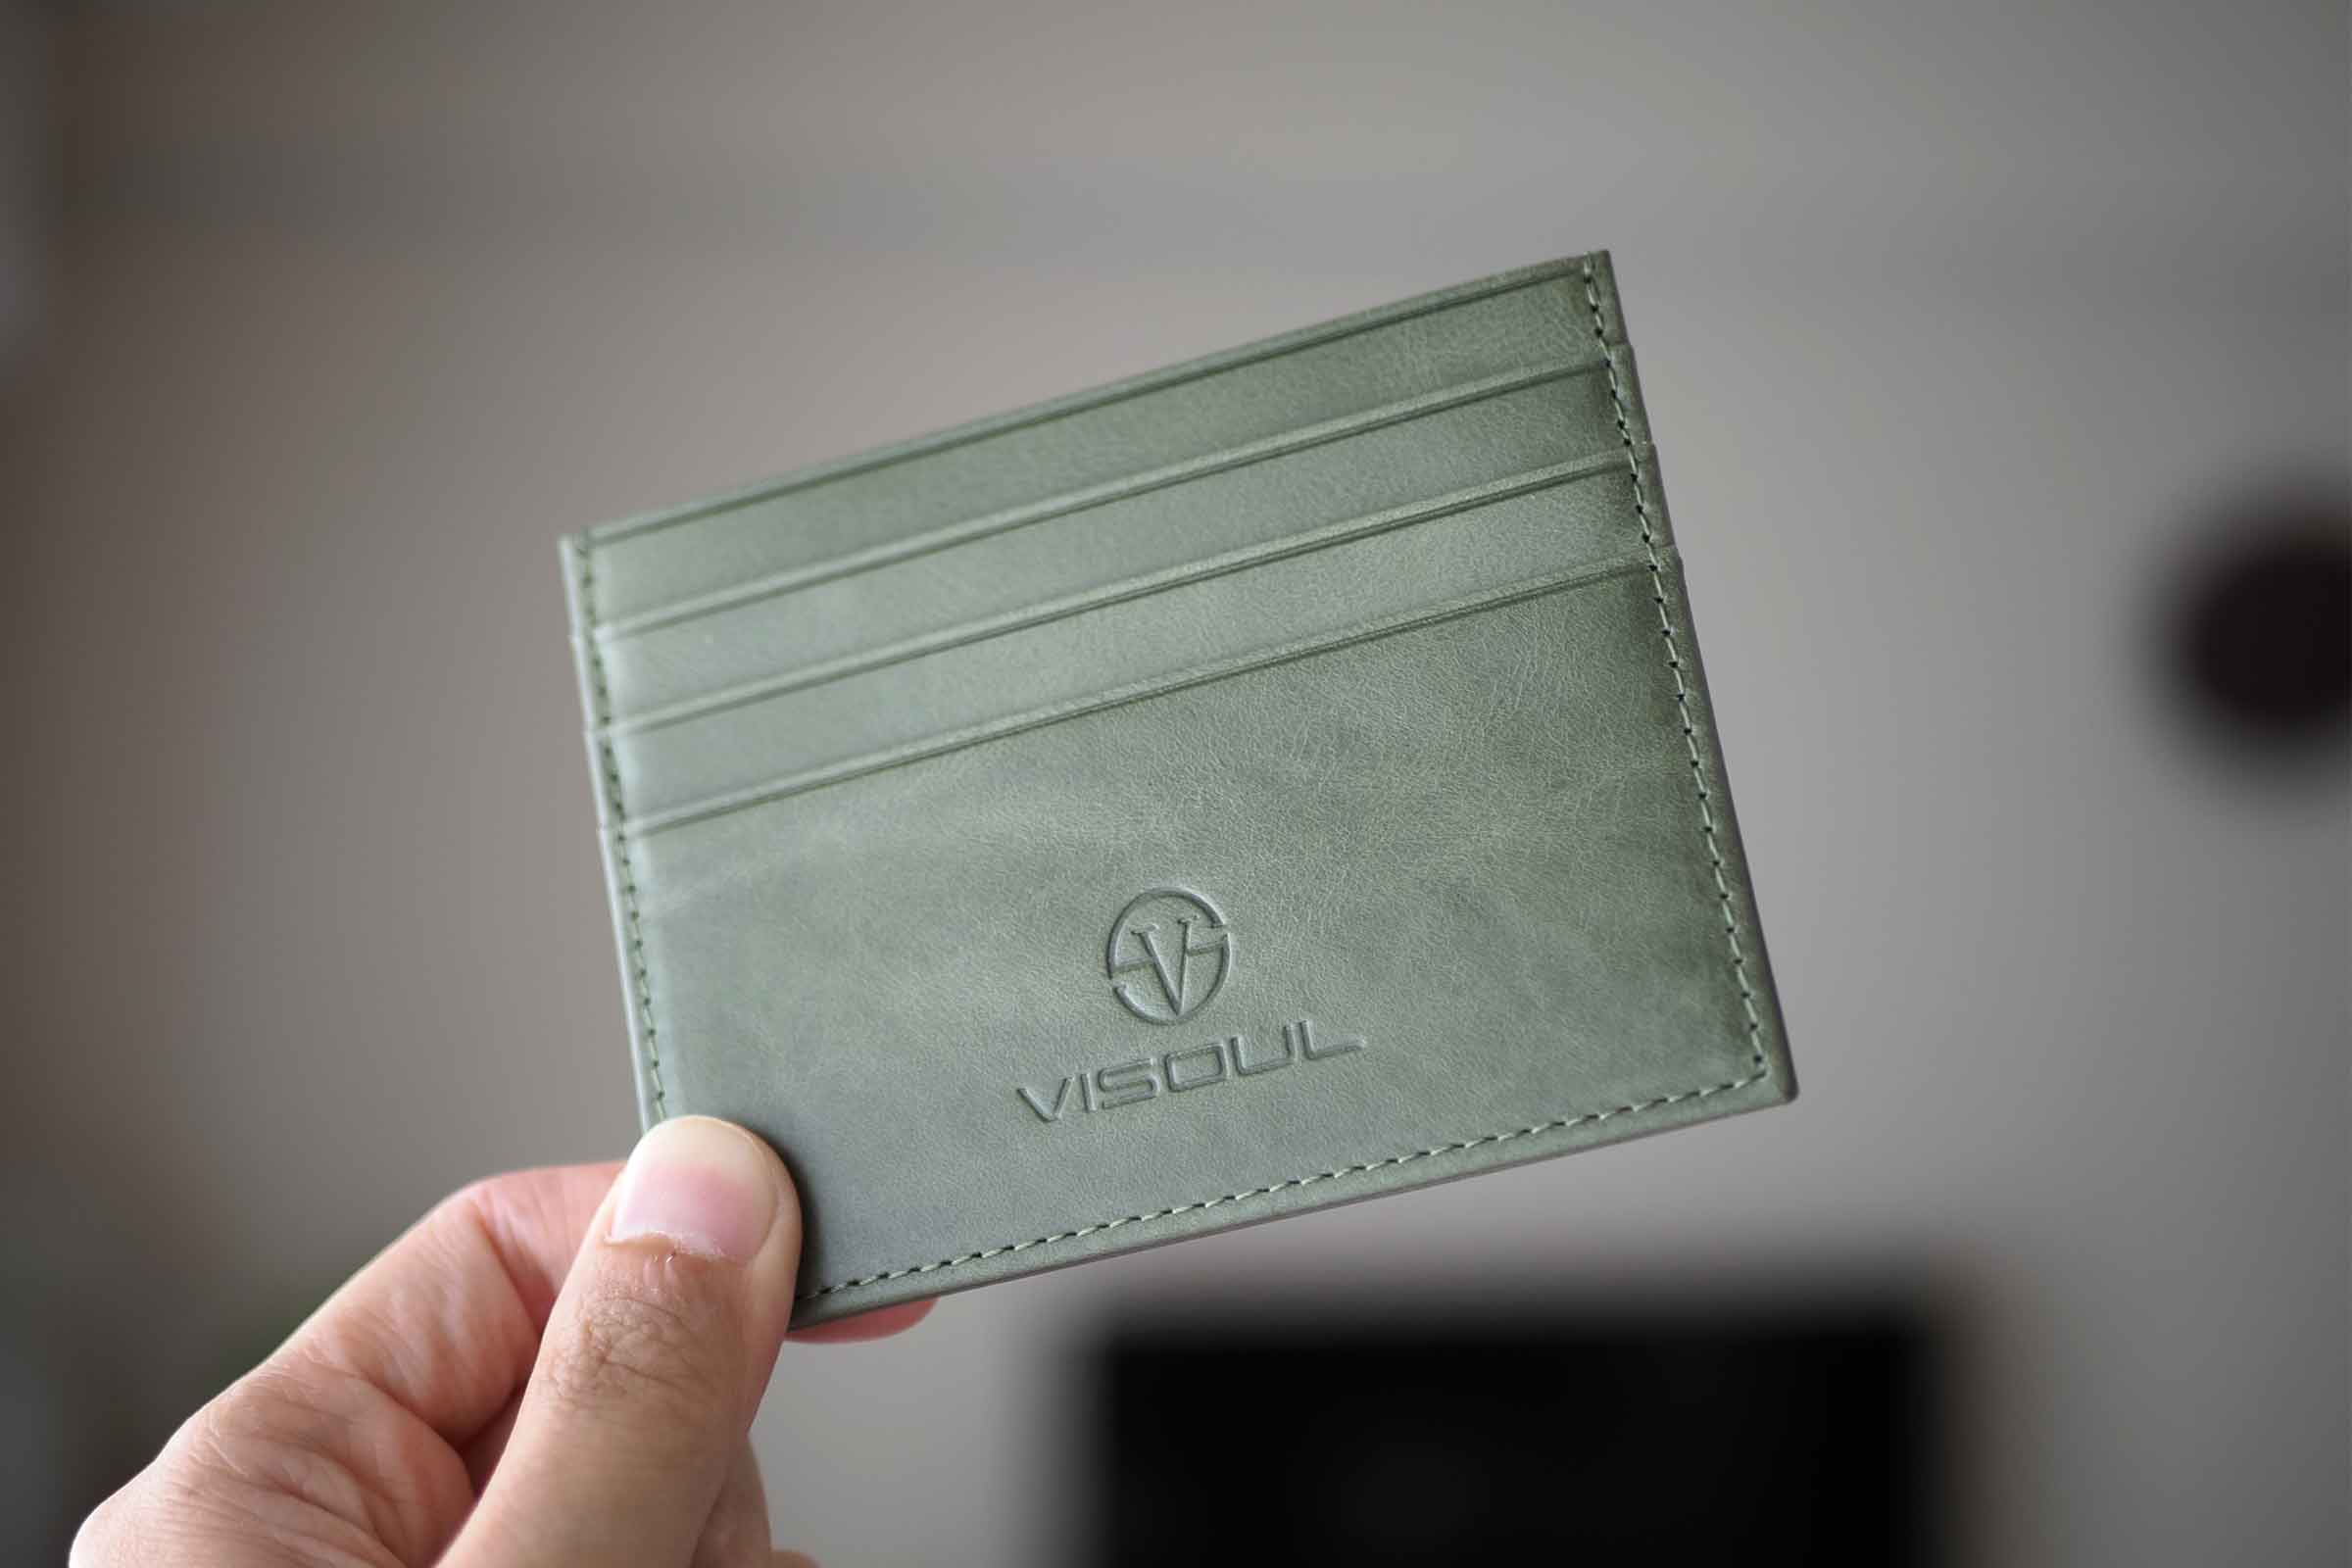 カードケース,VISOUL,小さい,薄い,安い,コンパクト,本革,牛皮,大人,シンプル,スタイリッシュ